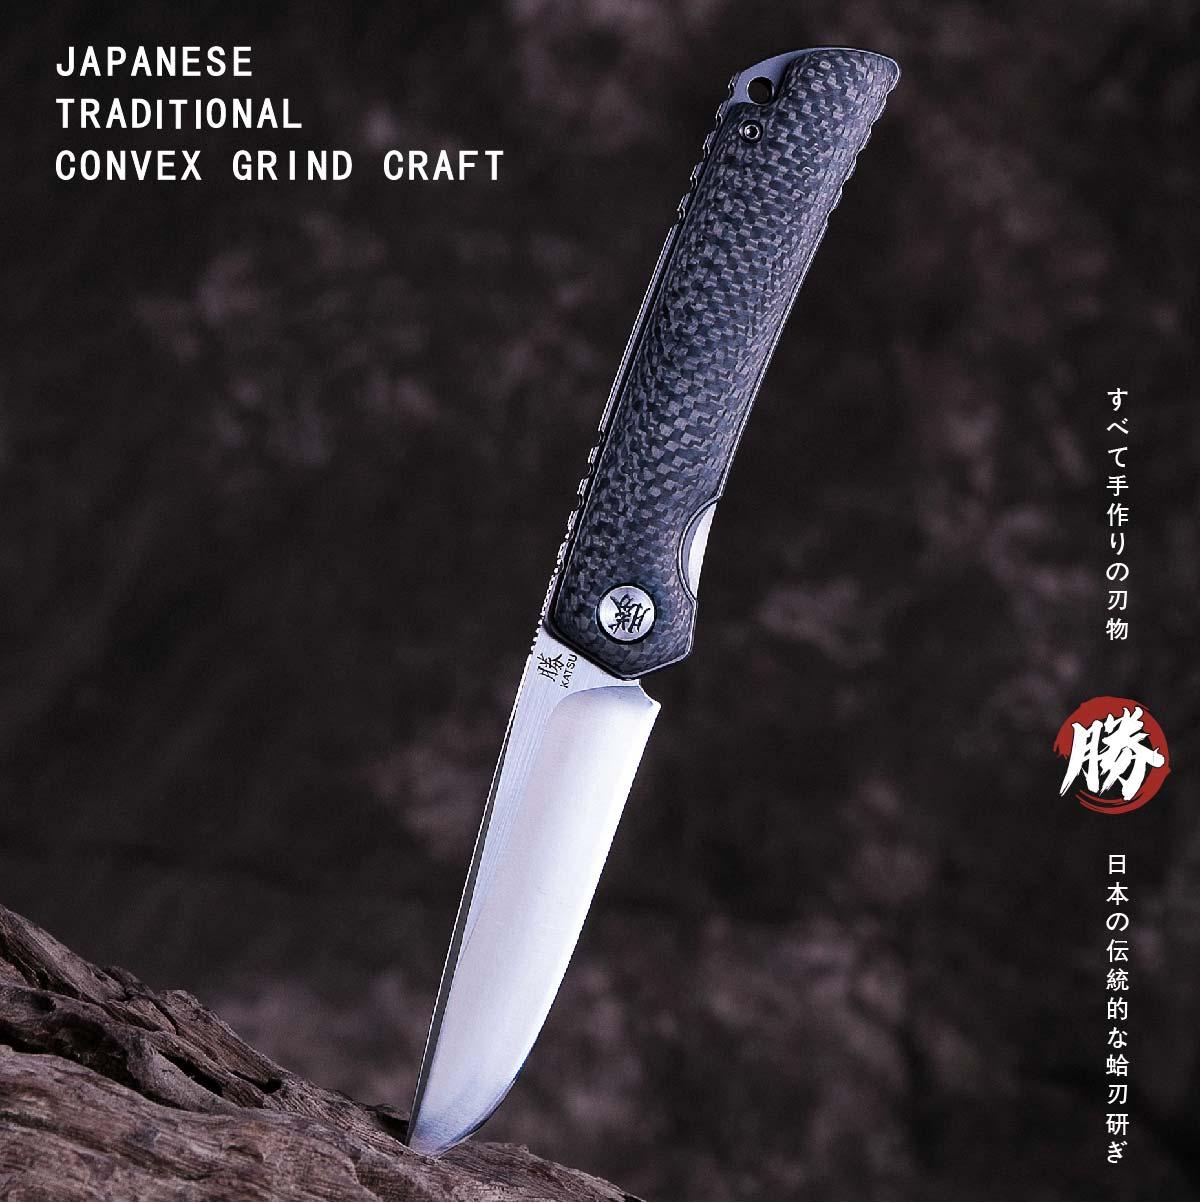 Folding knife Japanese Handmade Professional Hunting Knife Carbon Fiber Handle Folding Knives Quick Opening Pocket Tool Knife